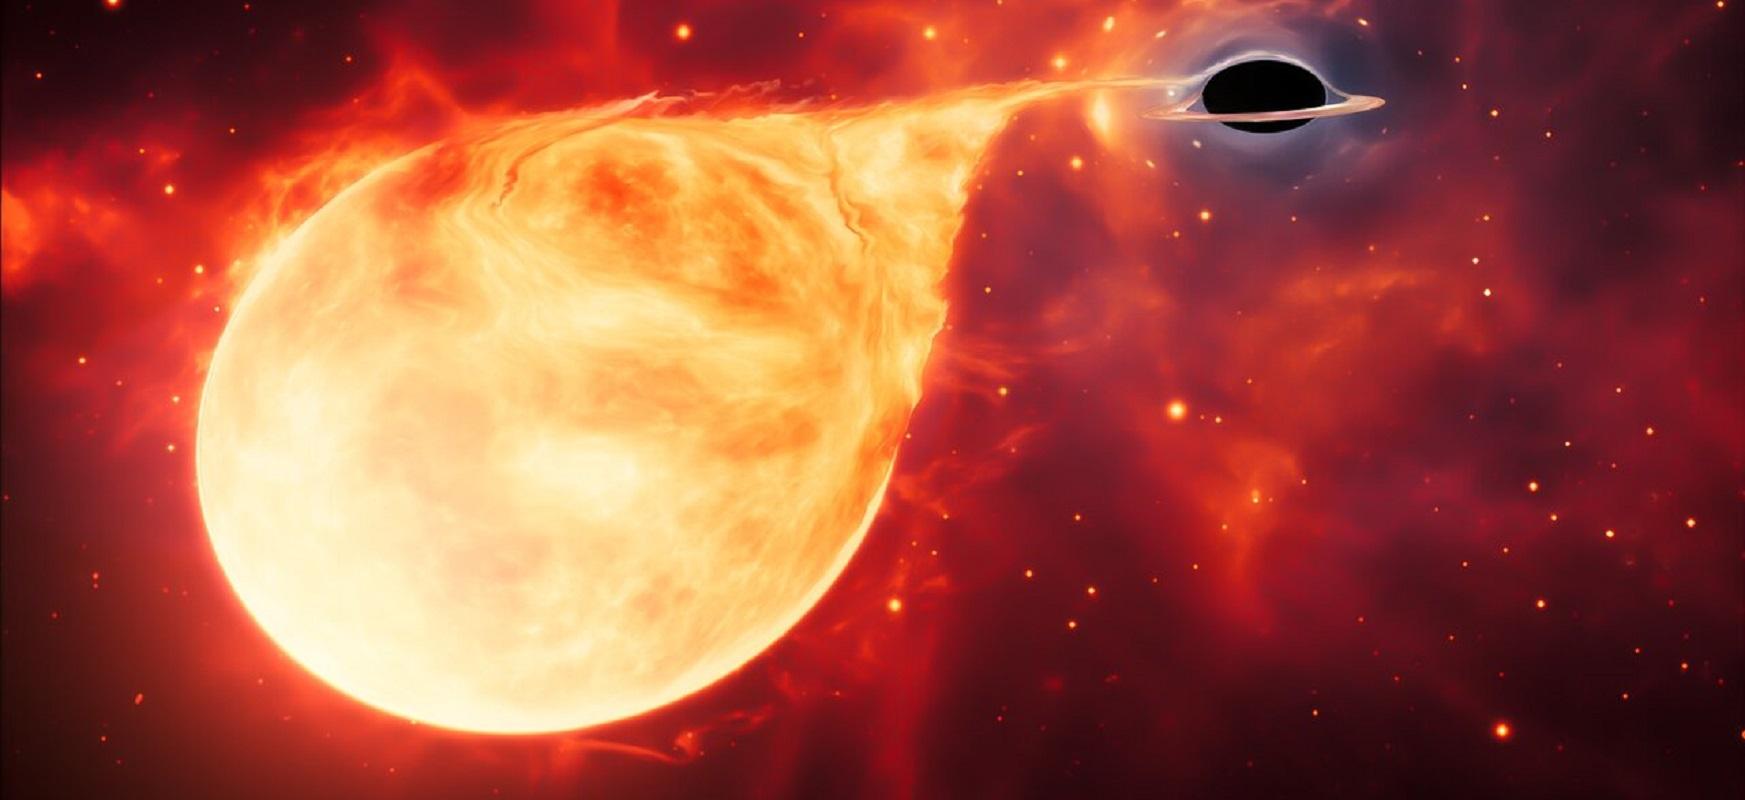 Hubble-k aspalditik bilatzen zuen bitarteko zulo beltza aurkitu du